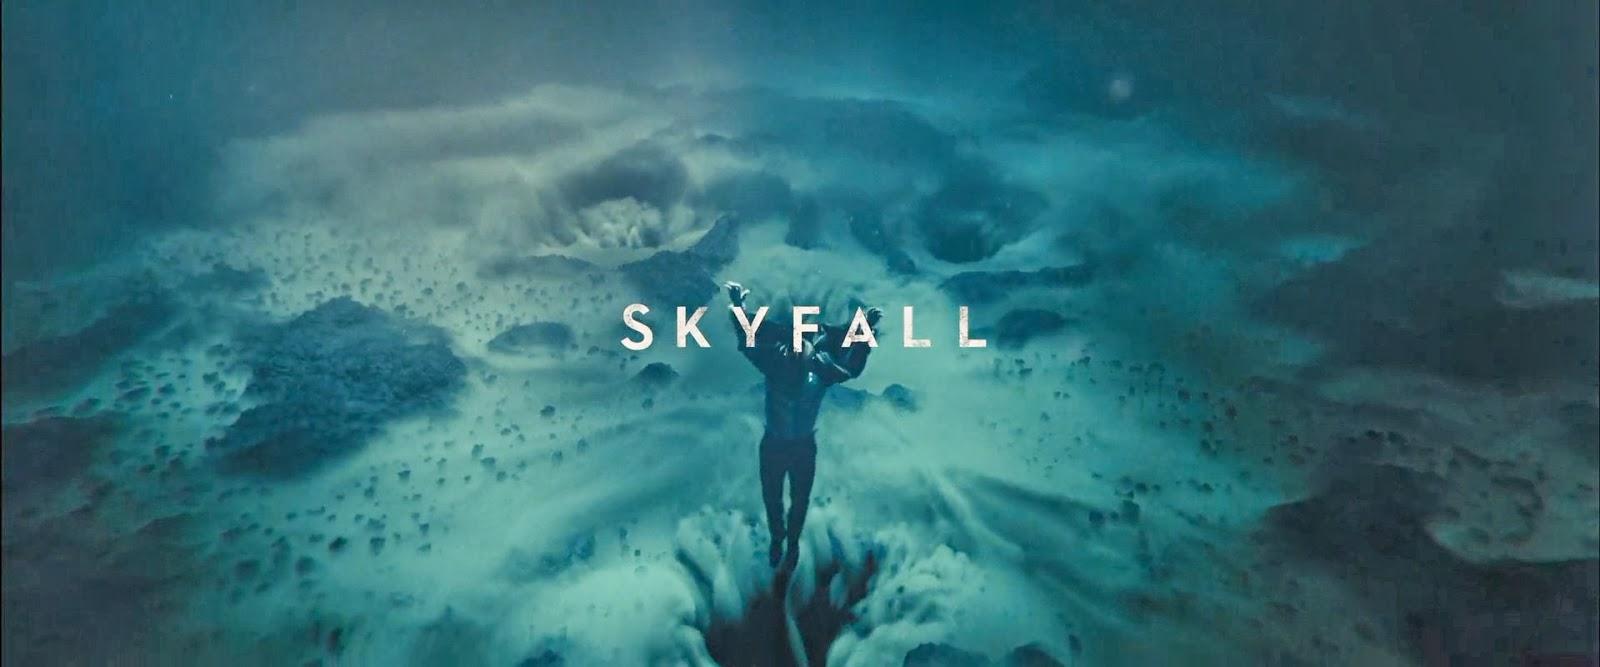 Skyfall (2012) S2 s Skyfall (2012)